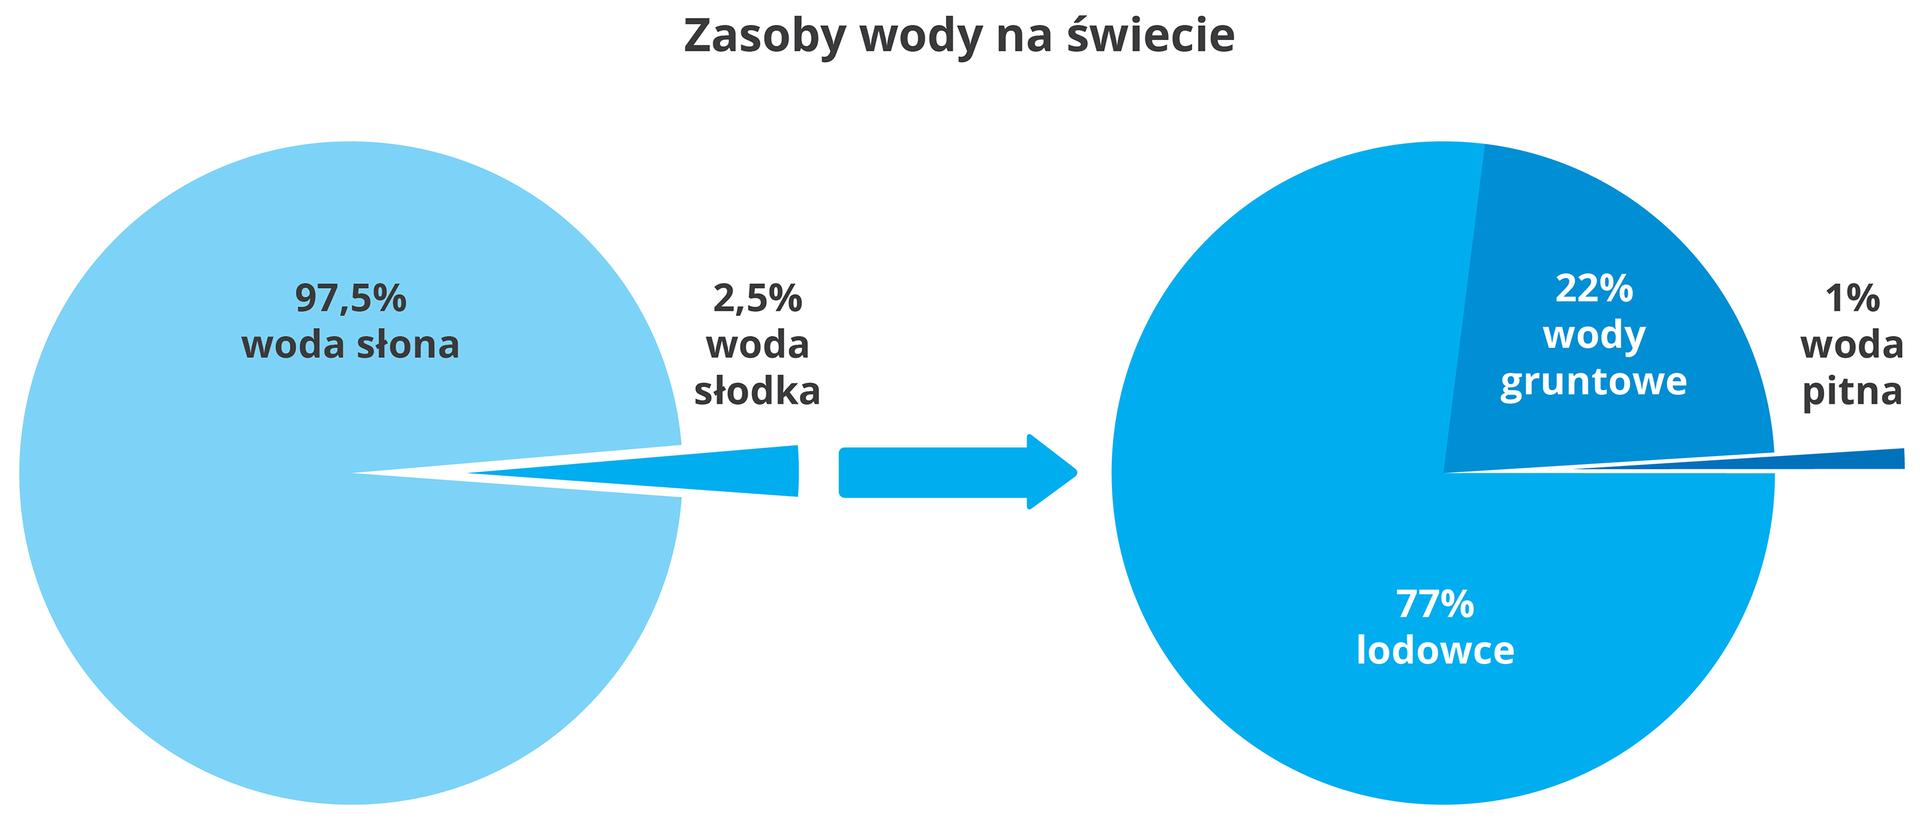 2 diagramy kołowe wkolorze niebieskim przedstawiają zasoby wody na świecie. Pierwszy ukazuje przewagę ilości wody słonej: 97,5% nad słodką: 2,5%. Drugi wskazuje, że 77% wody znajduje się wlodowcach, 22% to woda gruntowa atylko 1% zasobów to woda pitna.